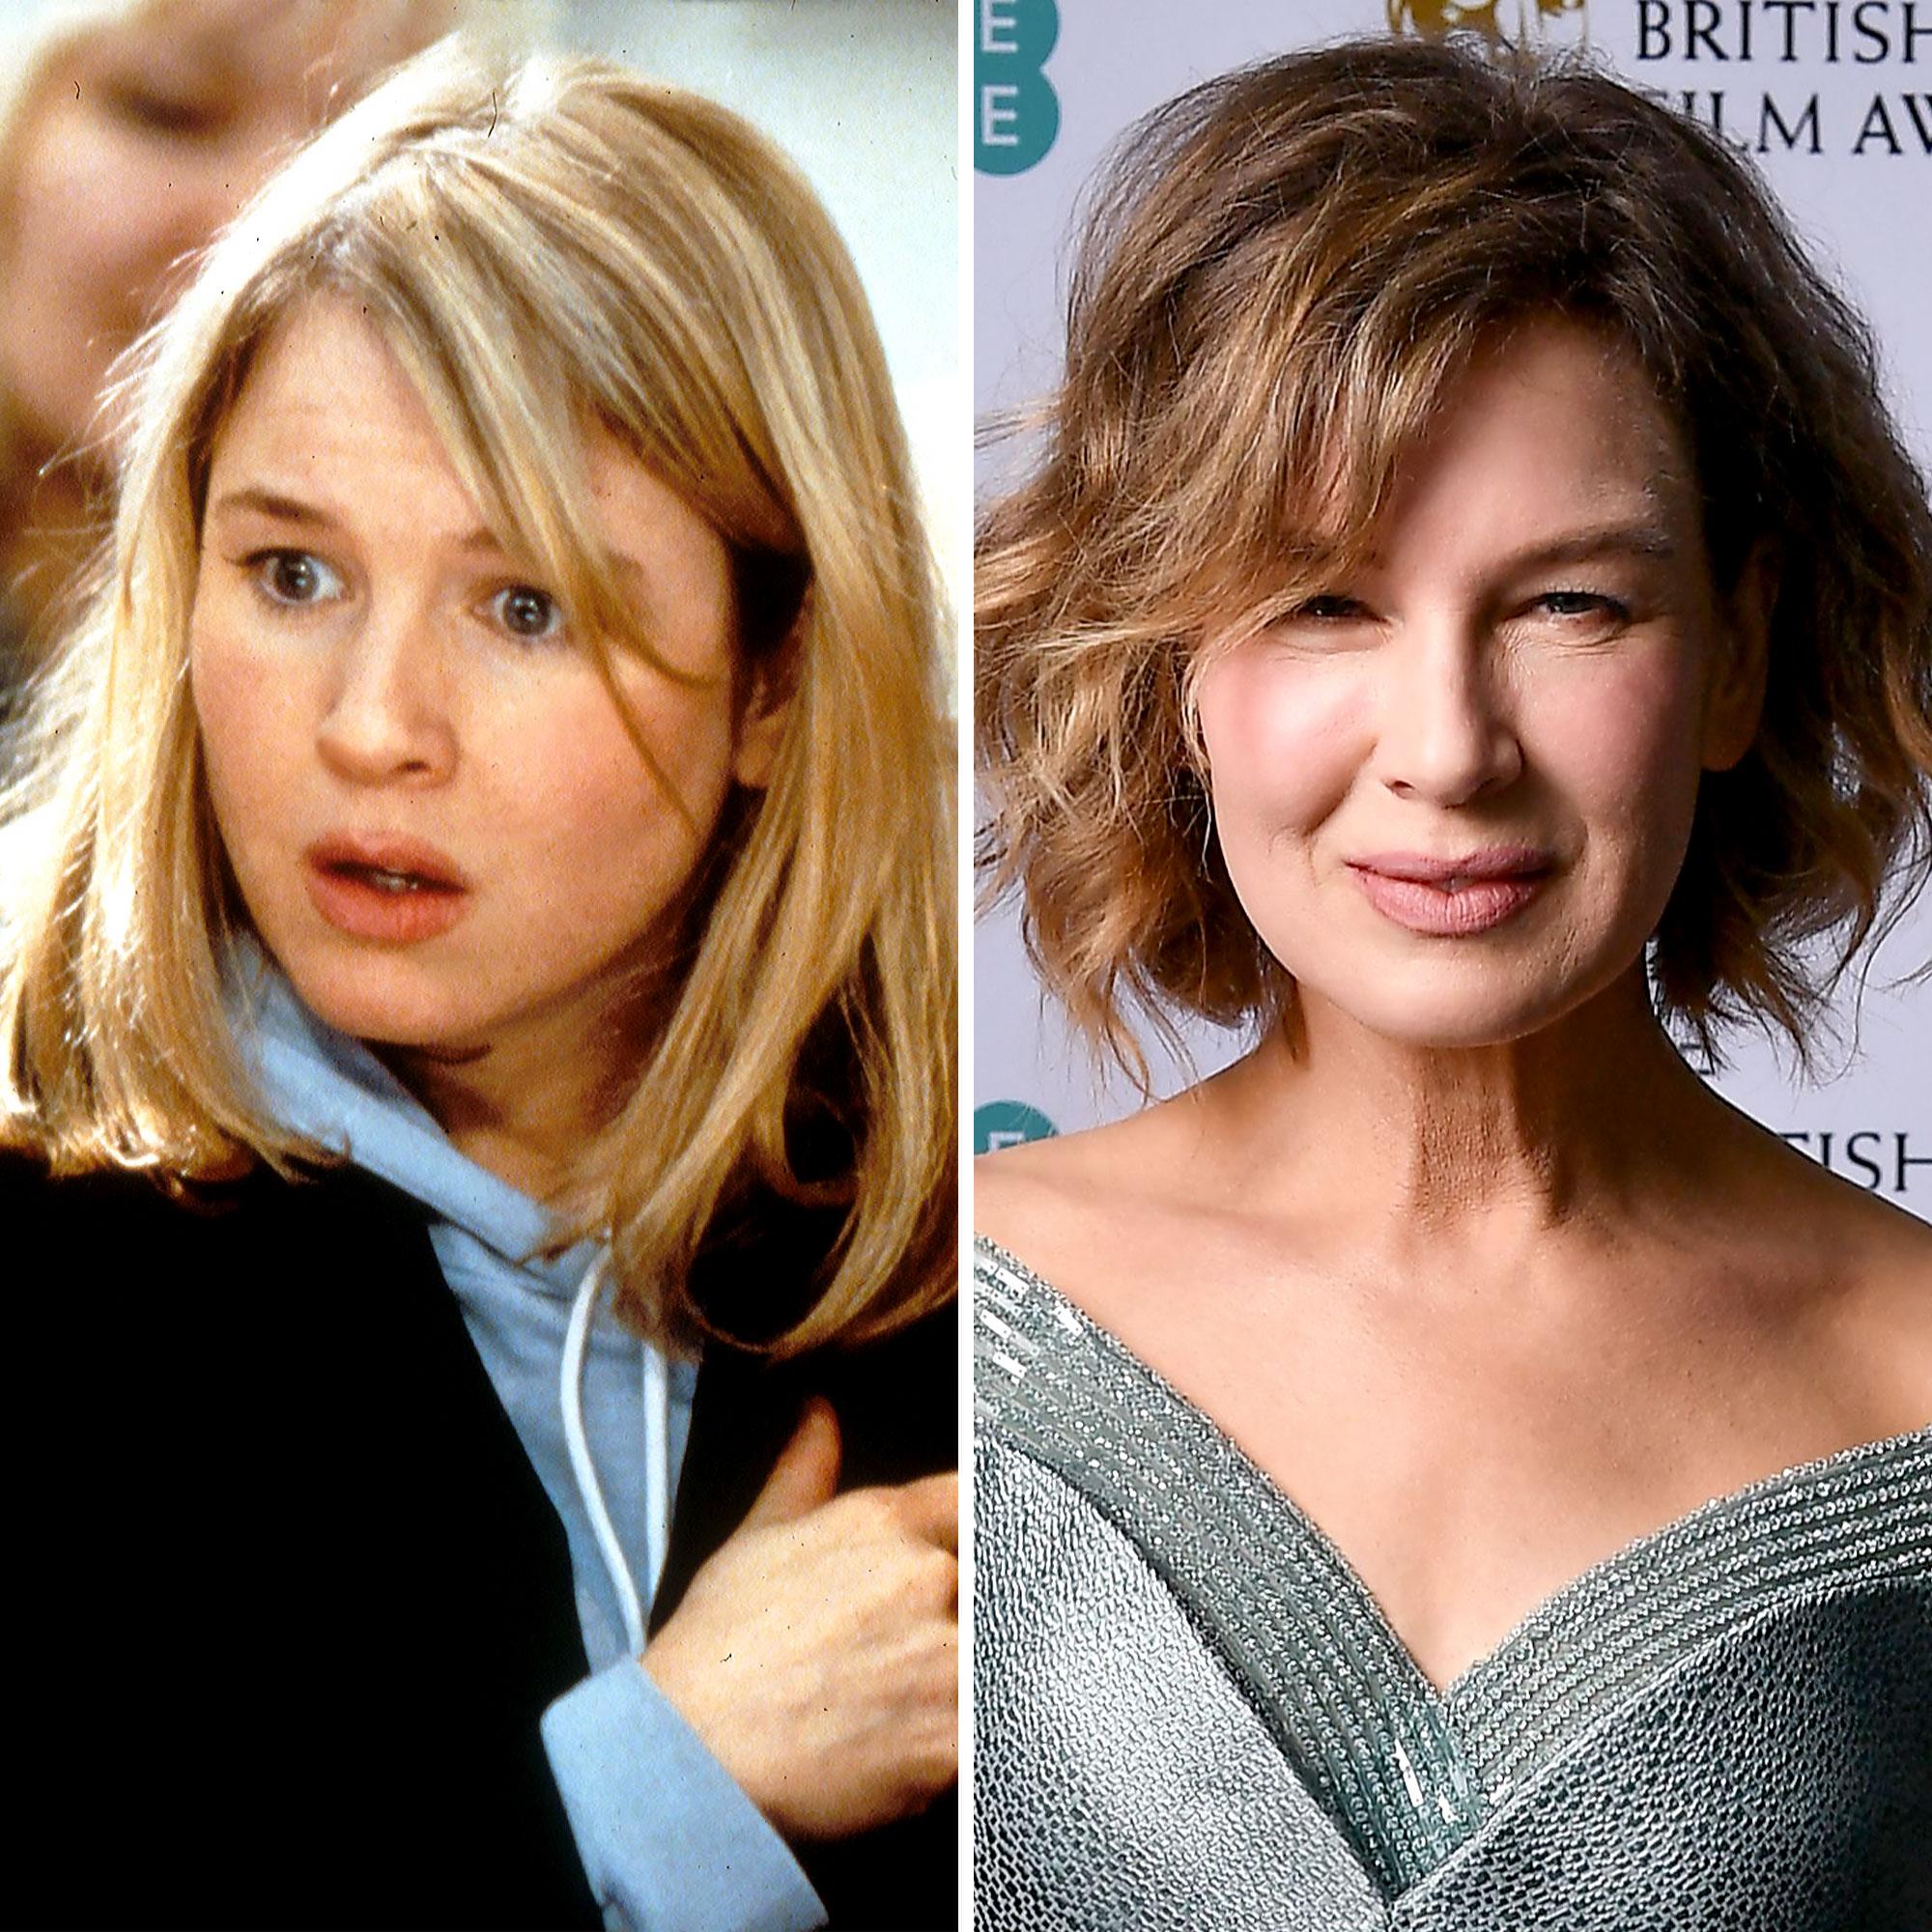 Jennifer Lawrence dream role is to play Bridget Jones